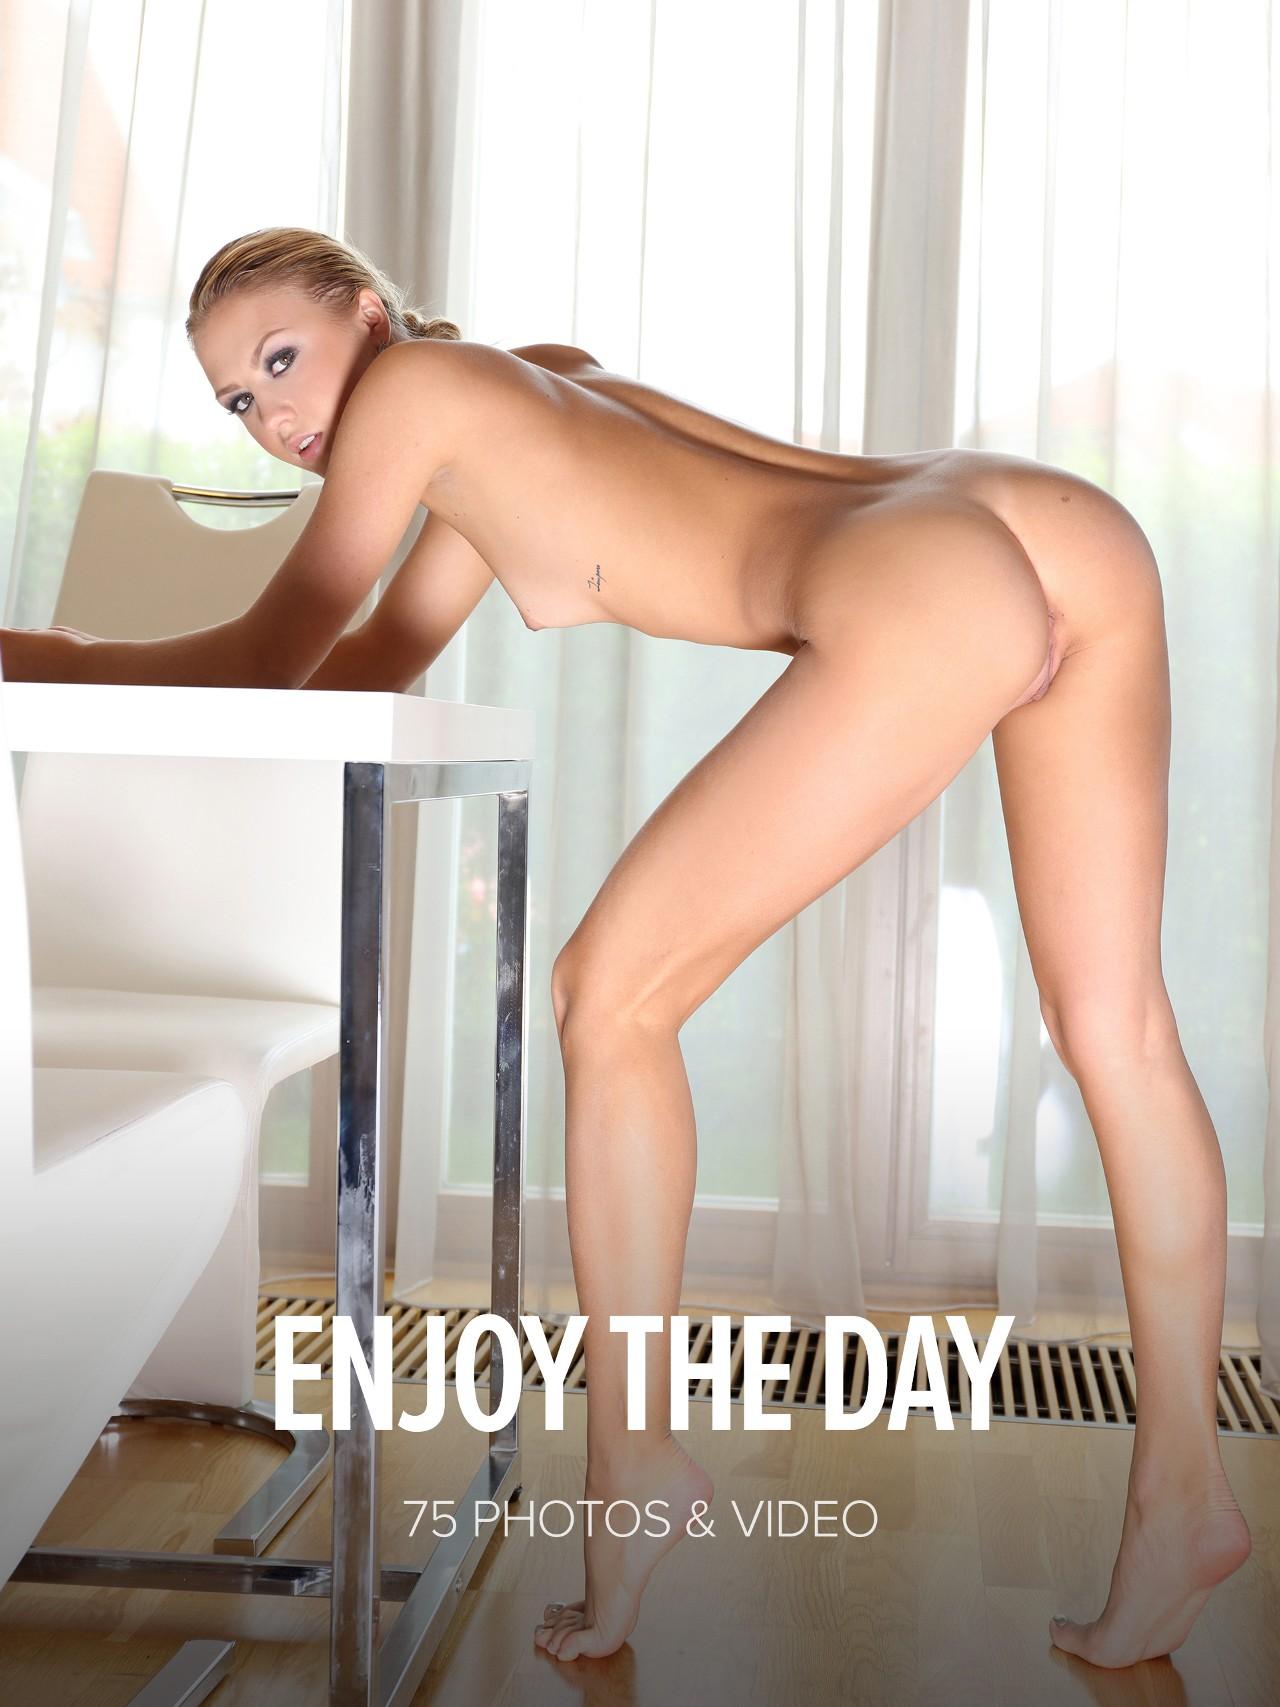 Jati: Enjoy The Day